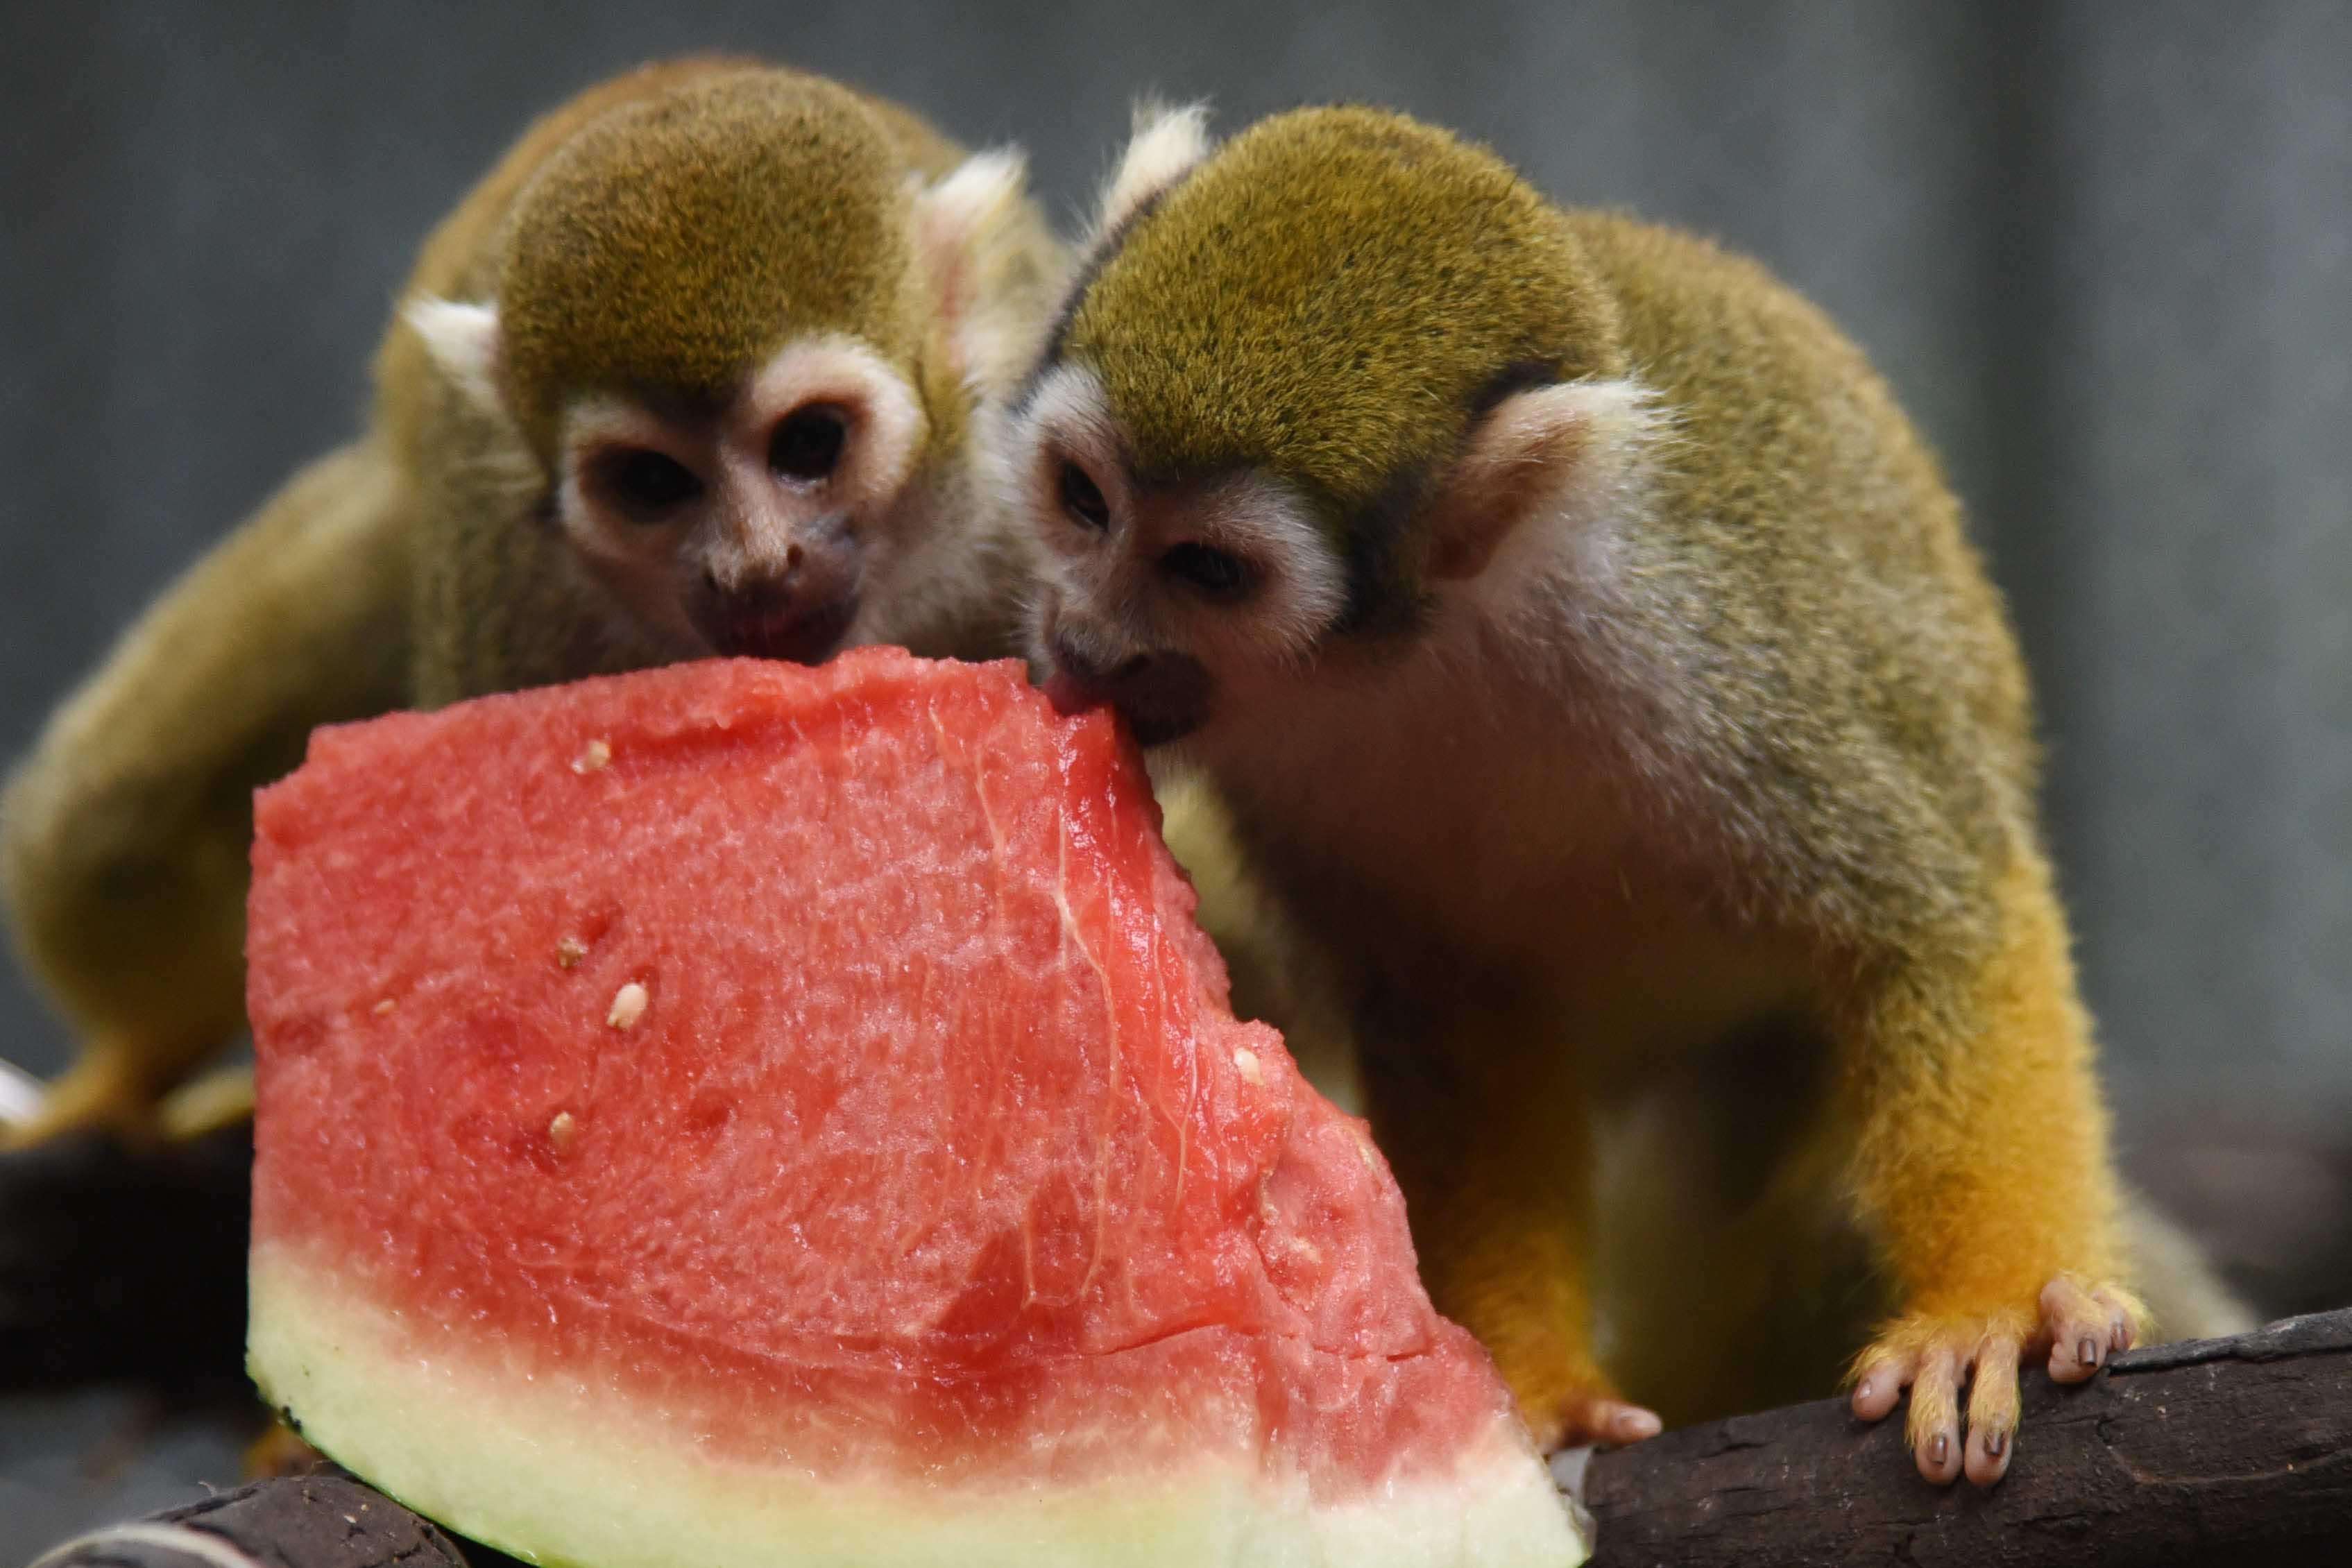 立夏时节 深圳野生动物园为动物们换新口味